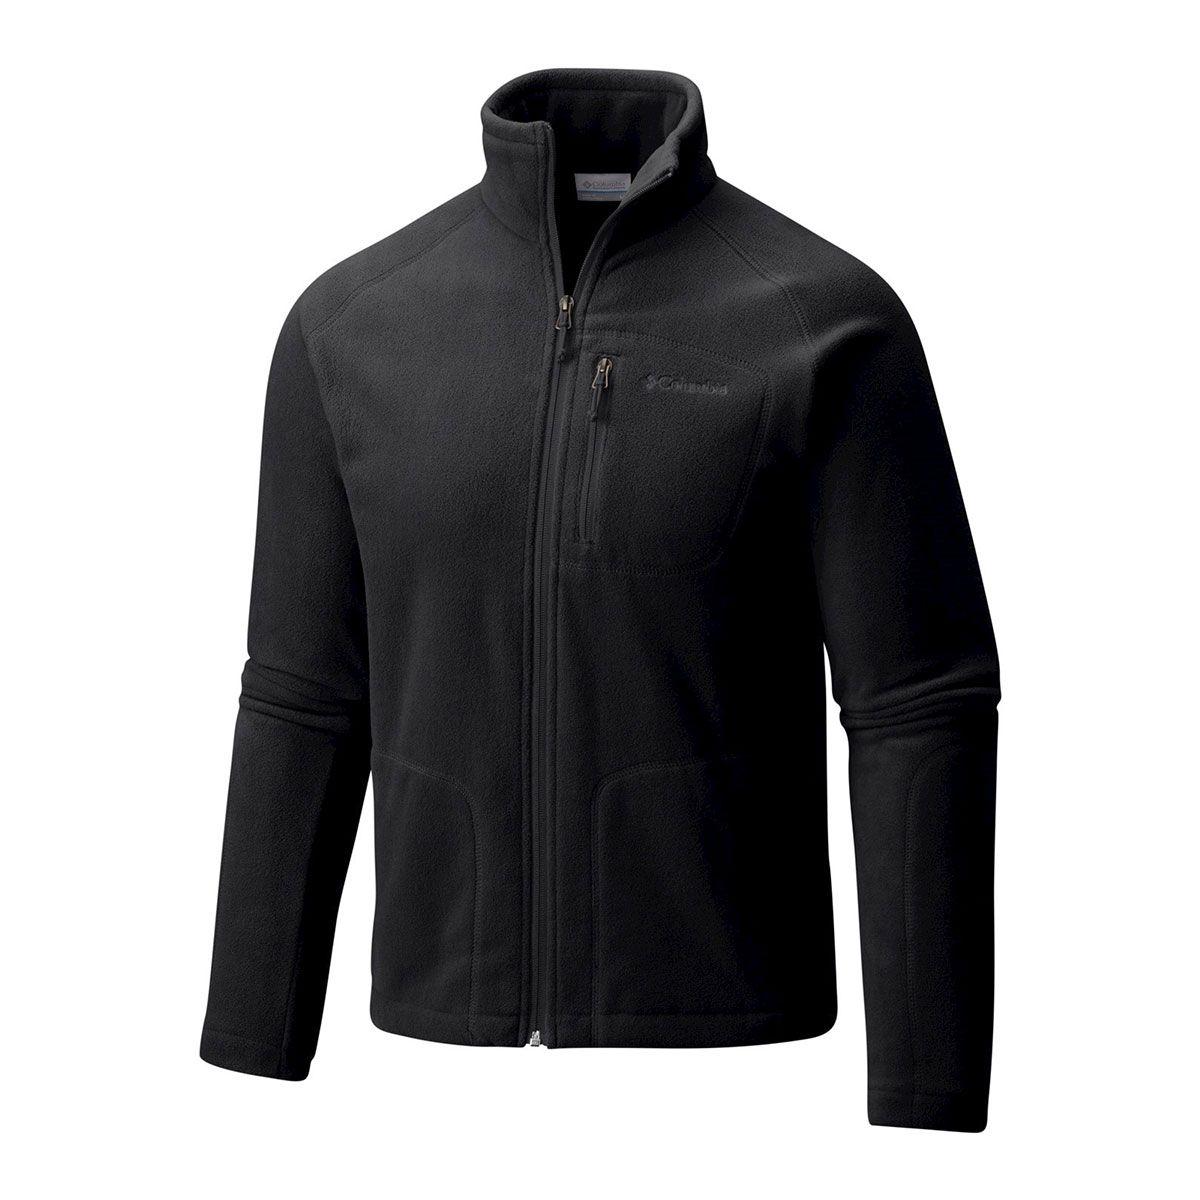 Jaqueta Columbia Fast Trek II Full Zip Fleece Black